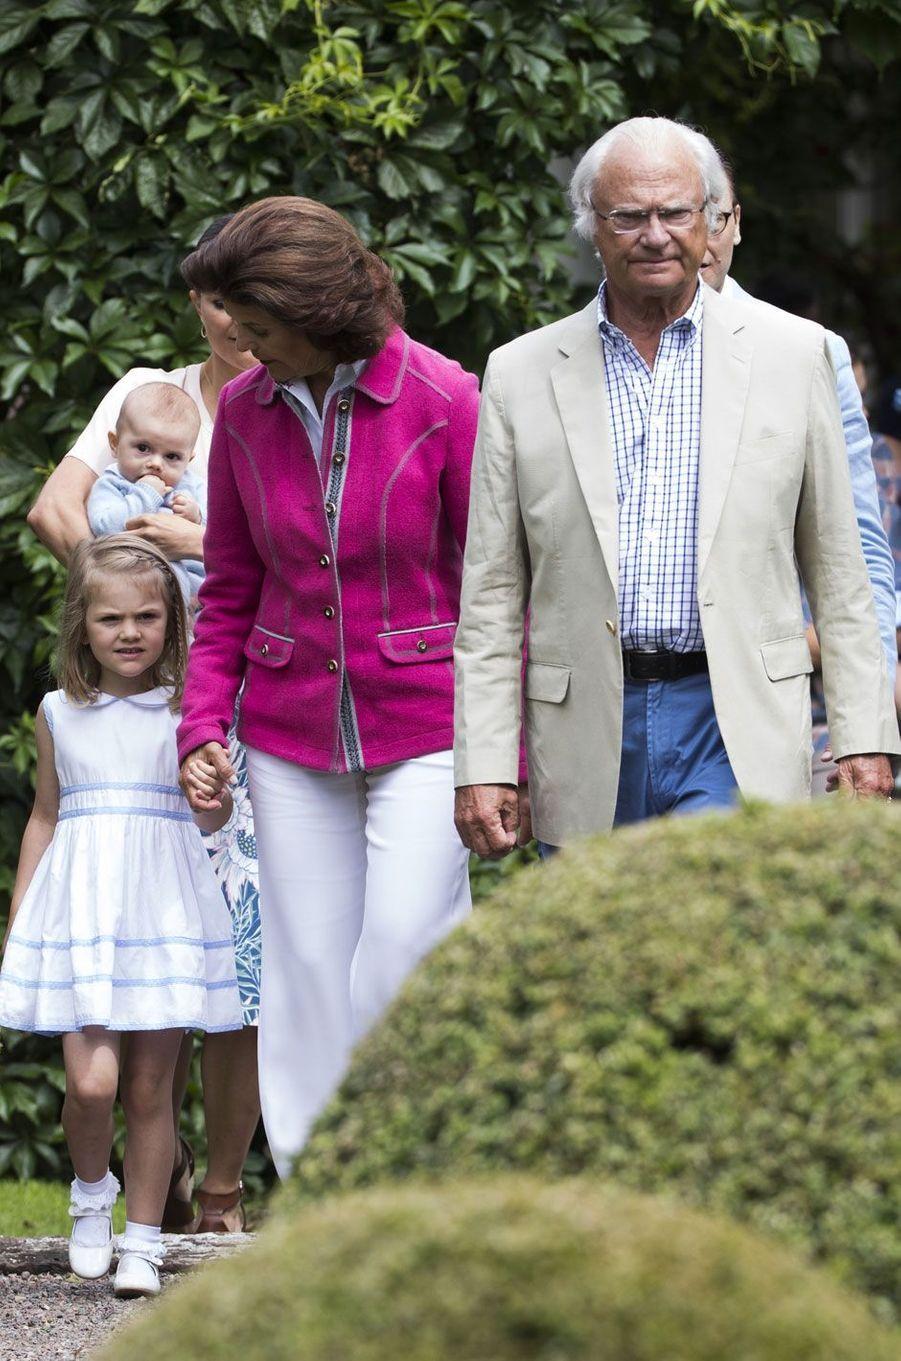 La reine Silvia et le roi Carl XVI Gustaf mènent la famille royale pour la photo d'été